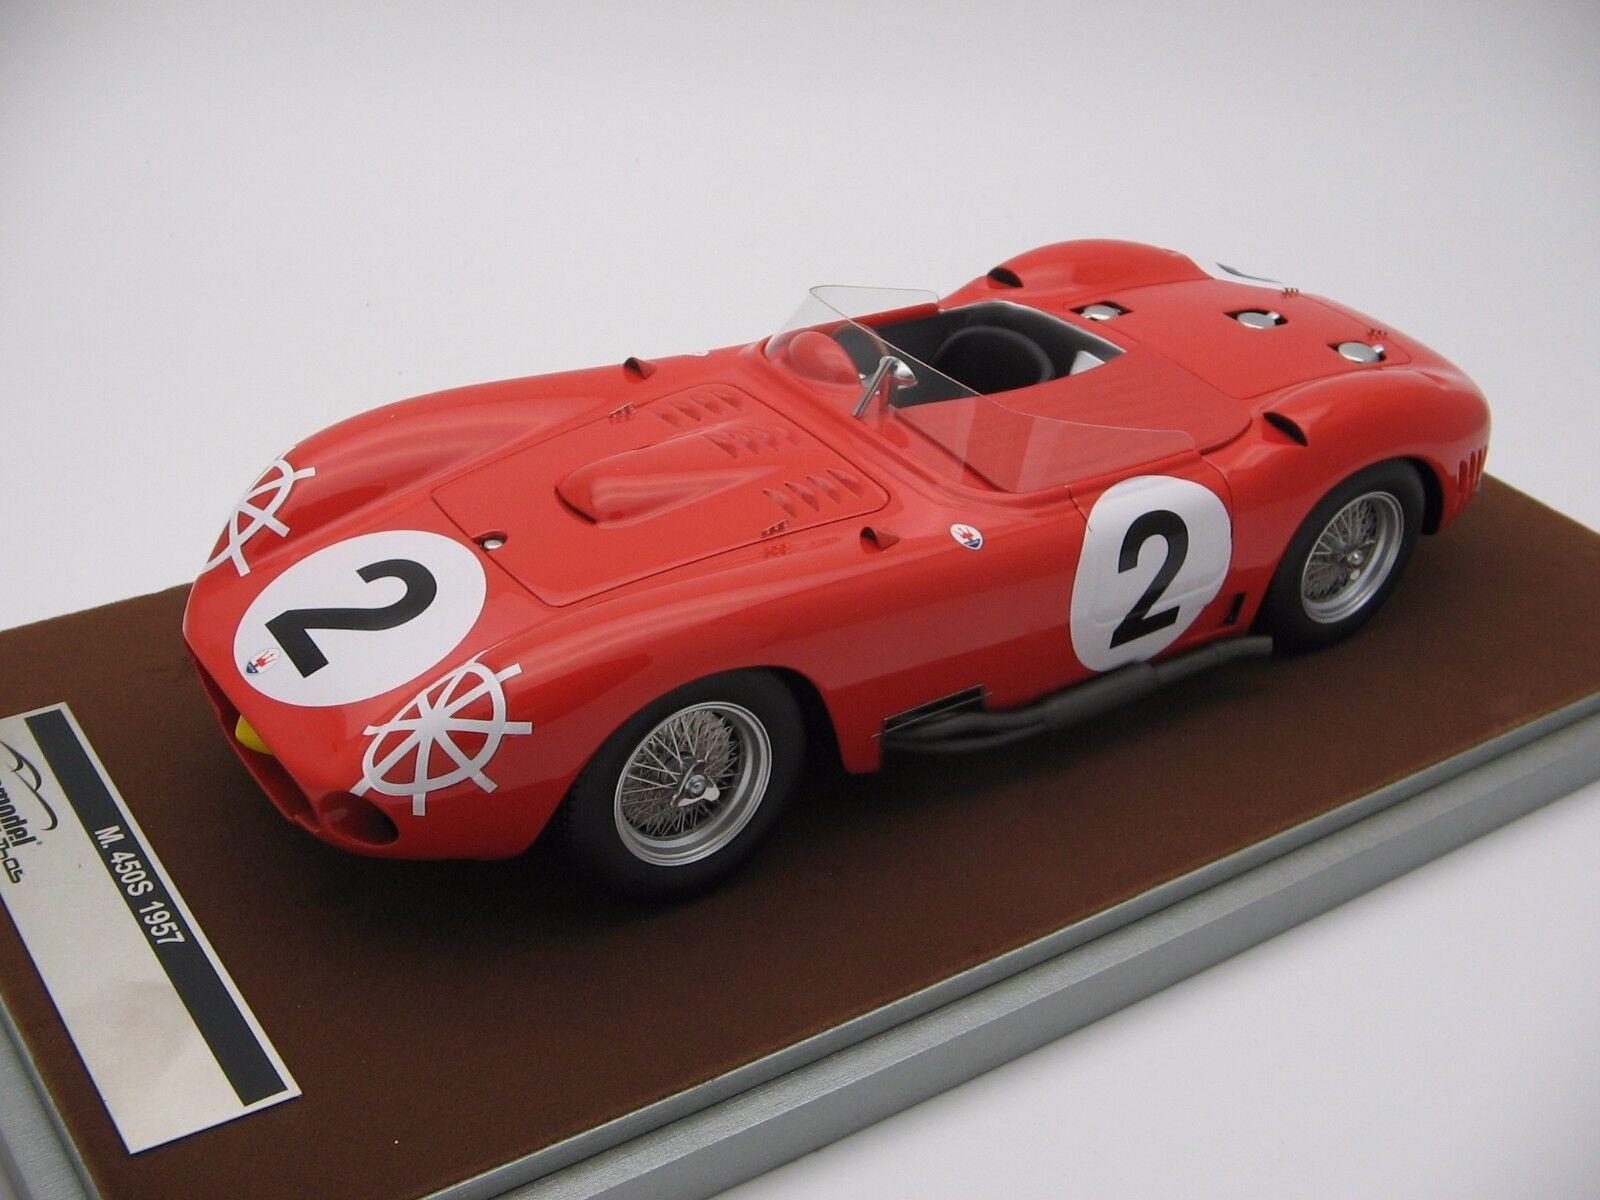 1 18 scale Tecnomodel Maserati 450S Le Uomo 24h 1957 - TM18-45A